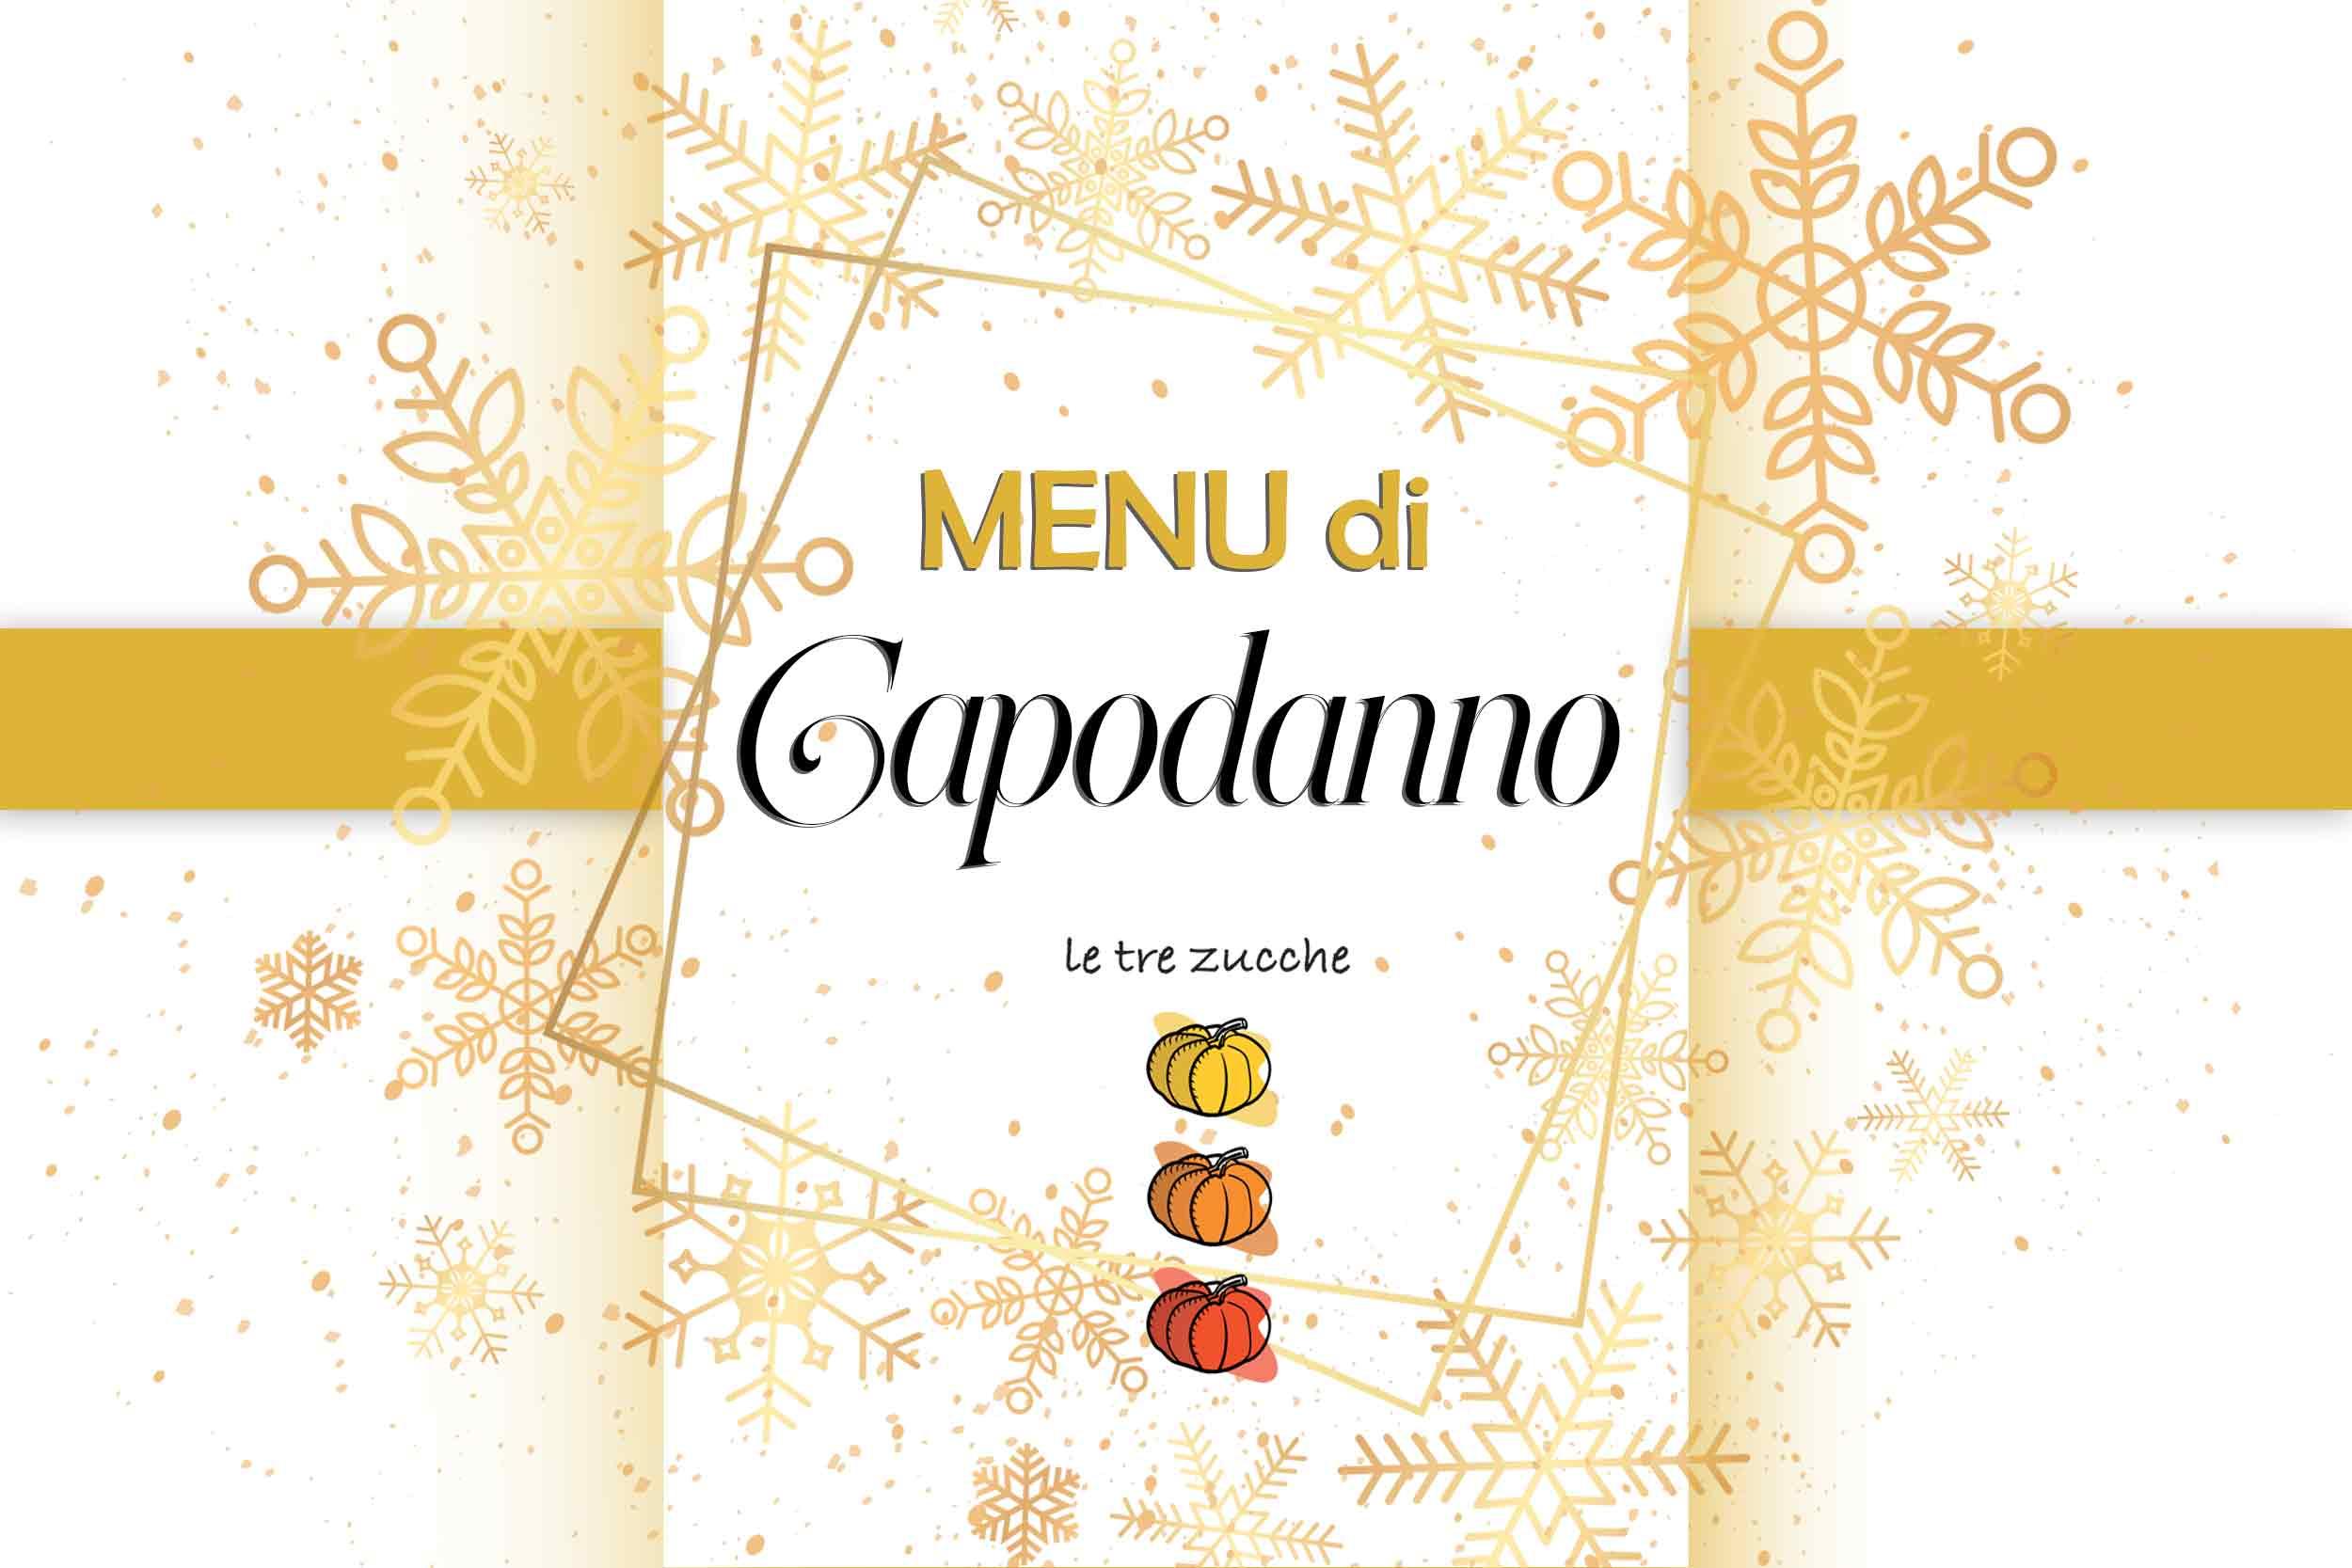 Menu di Capodanno 2019 ristorante roma